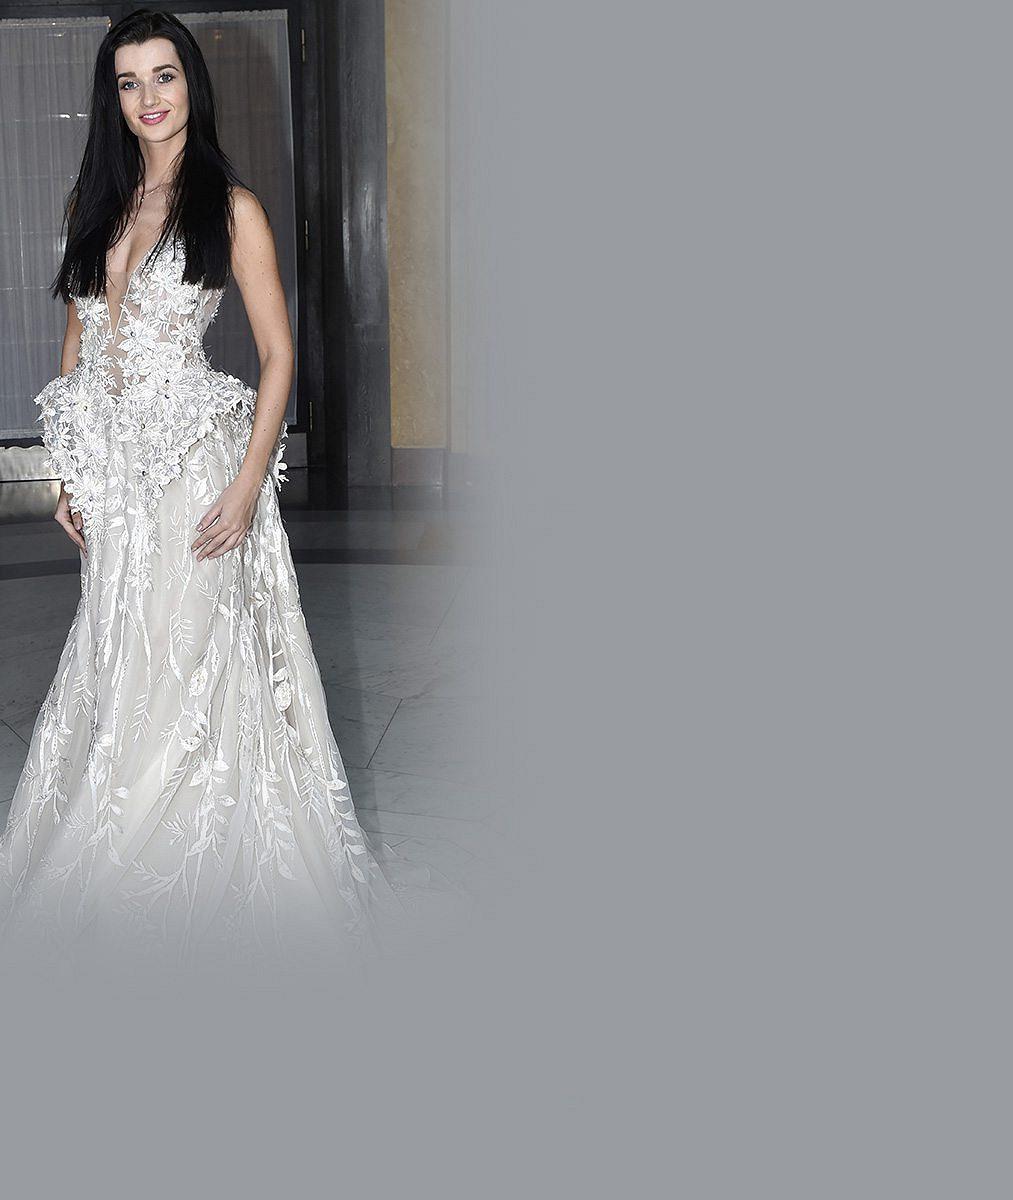 Návrhářka arabských princezen oblékla české královny krásy: Hodnota těchto modelů přesahuje 2 milióny korun